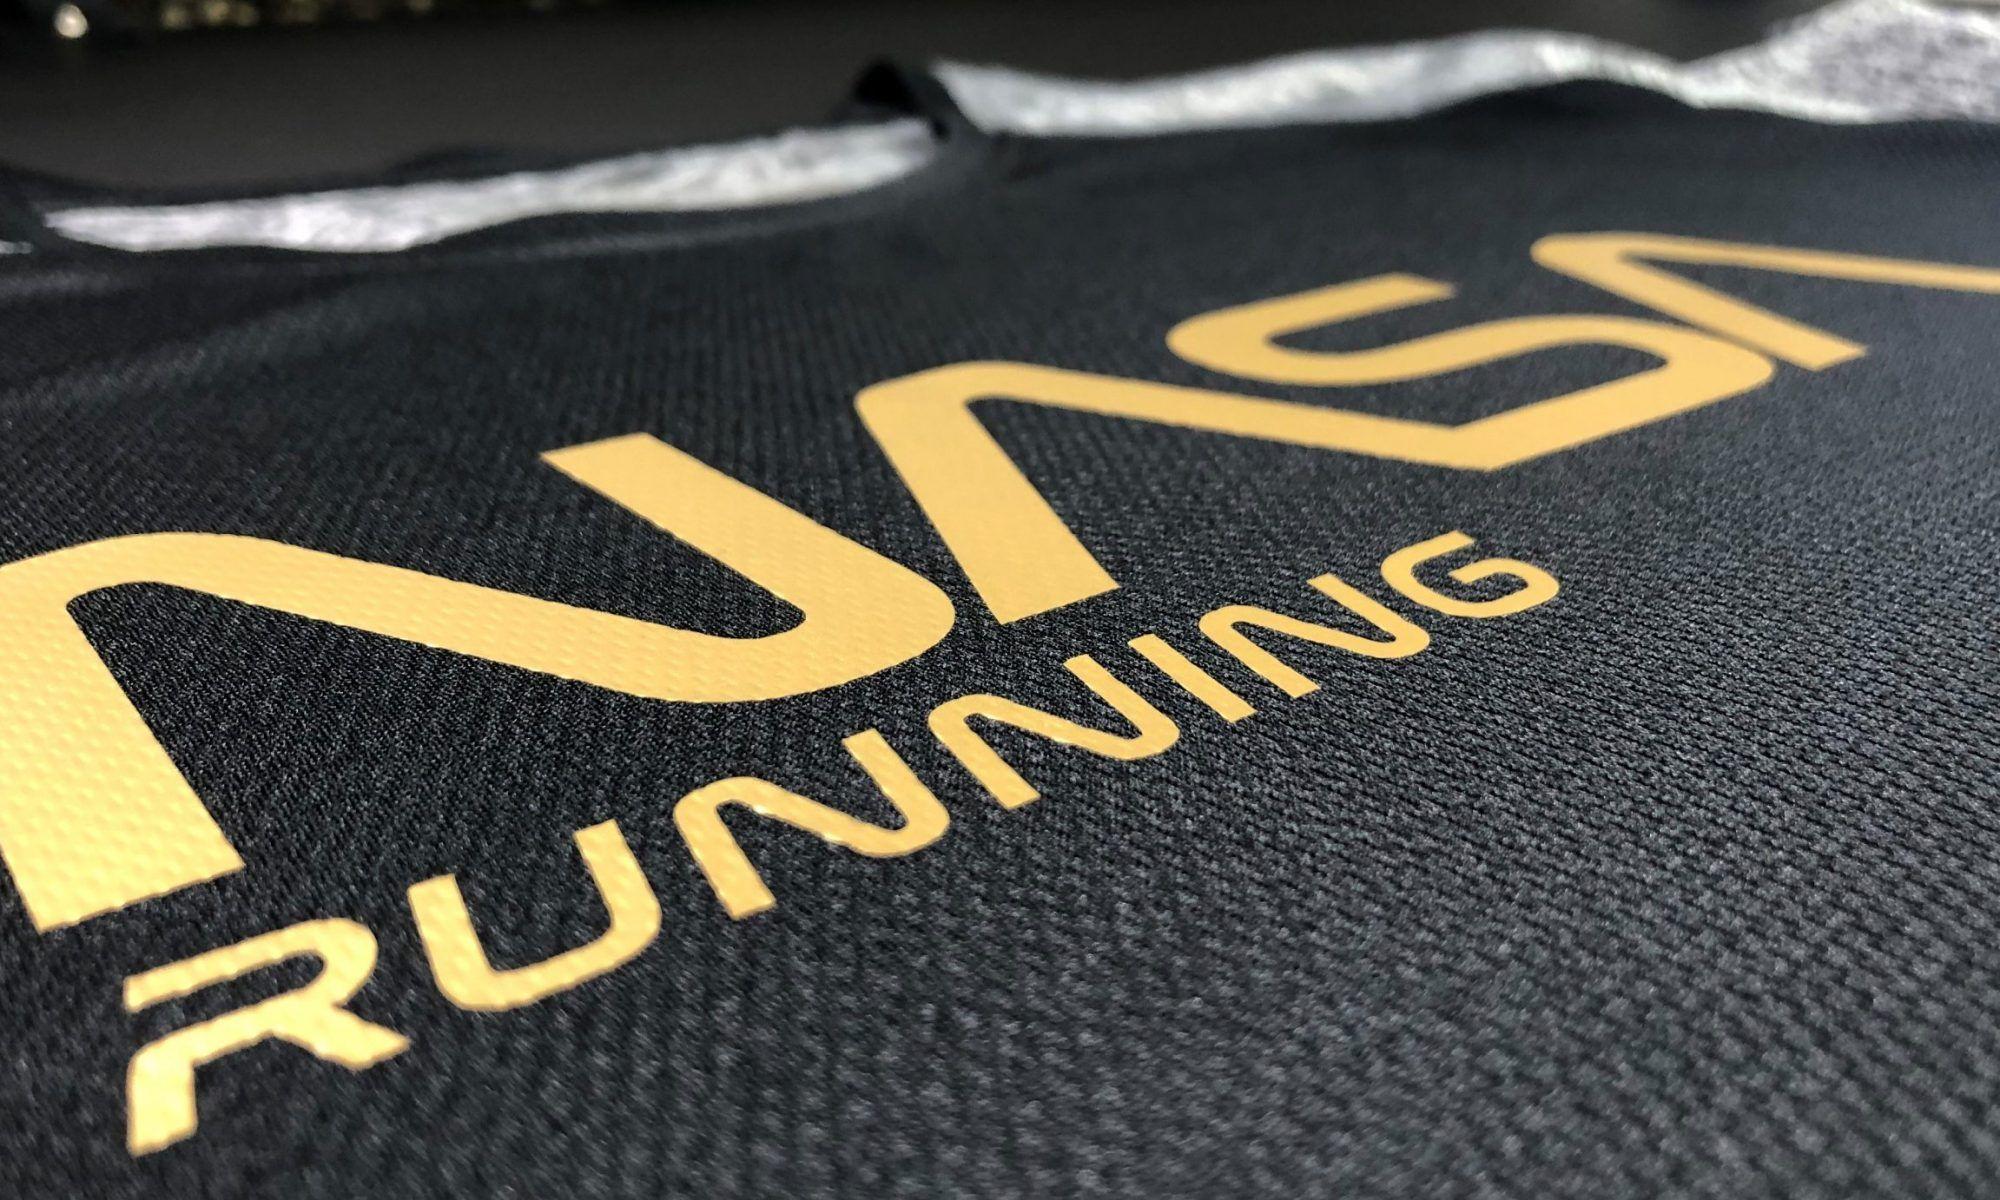 Fabricando camisetas running